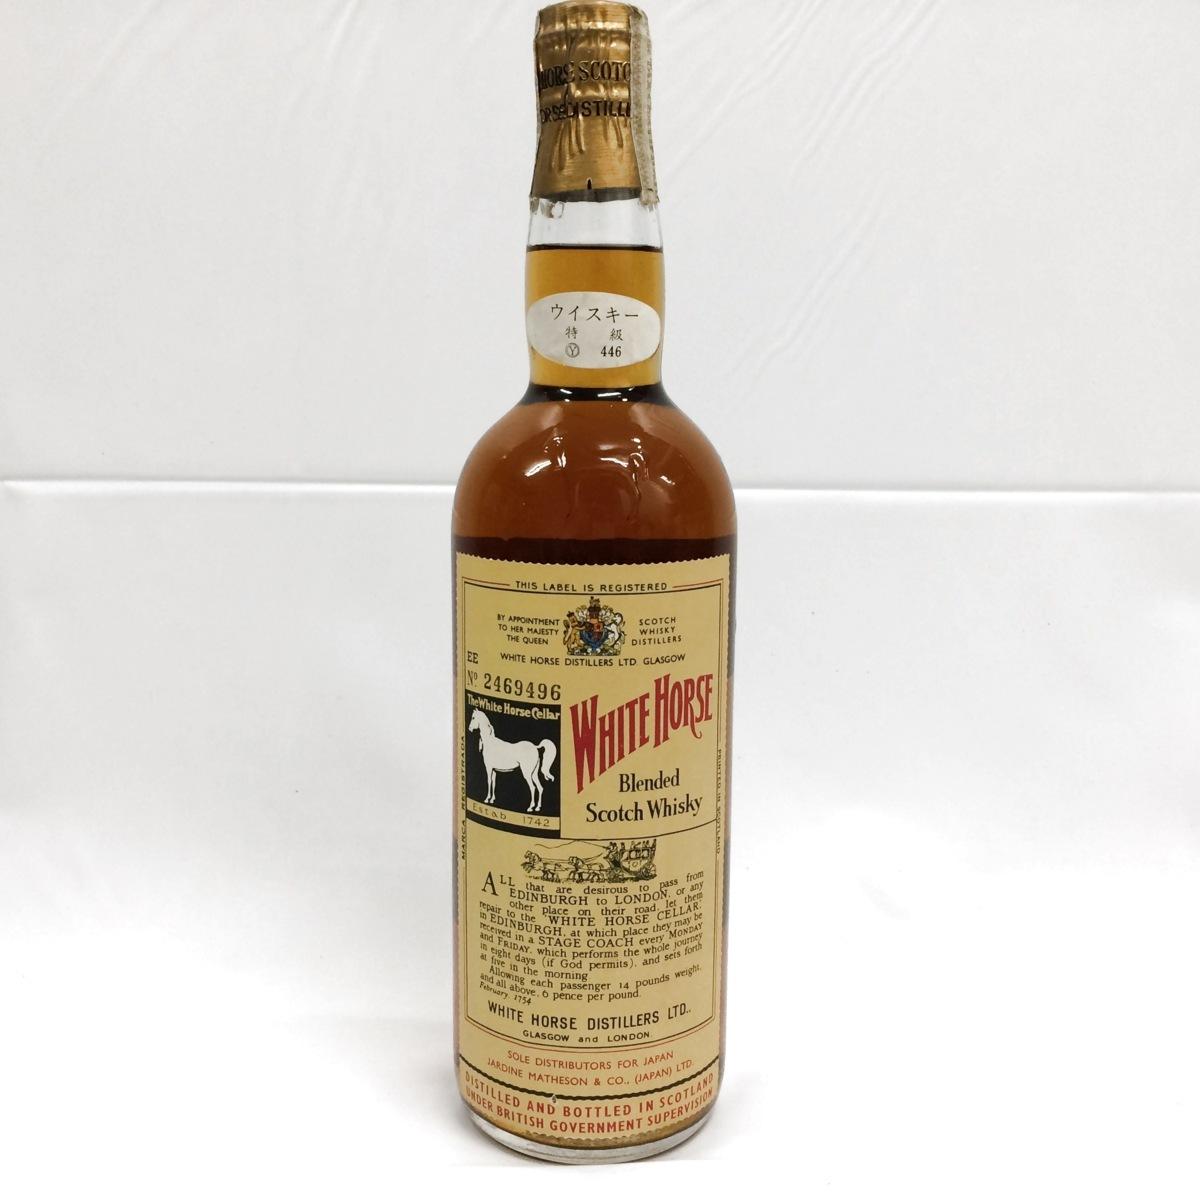 7-1973古酒・未開栓 ホワイトホース ヴィンテージ ティンキャップ スコッチウィスキー 760ml 43%特級 セラー表記_画像1